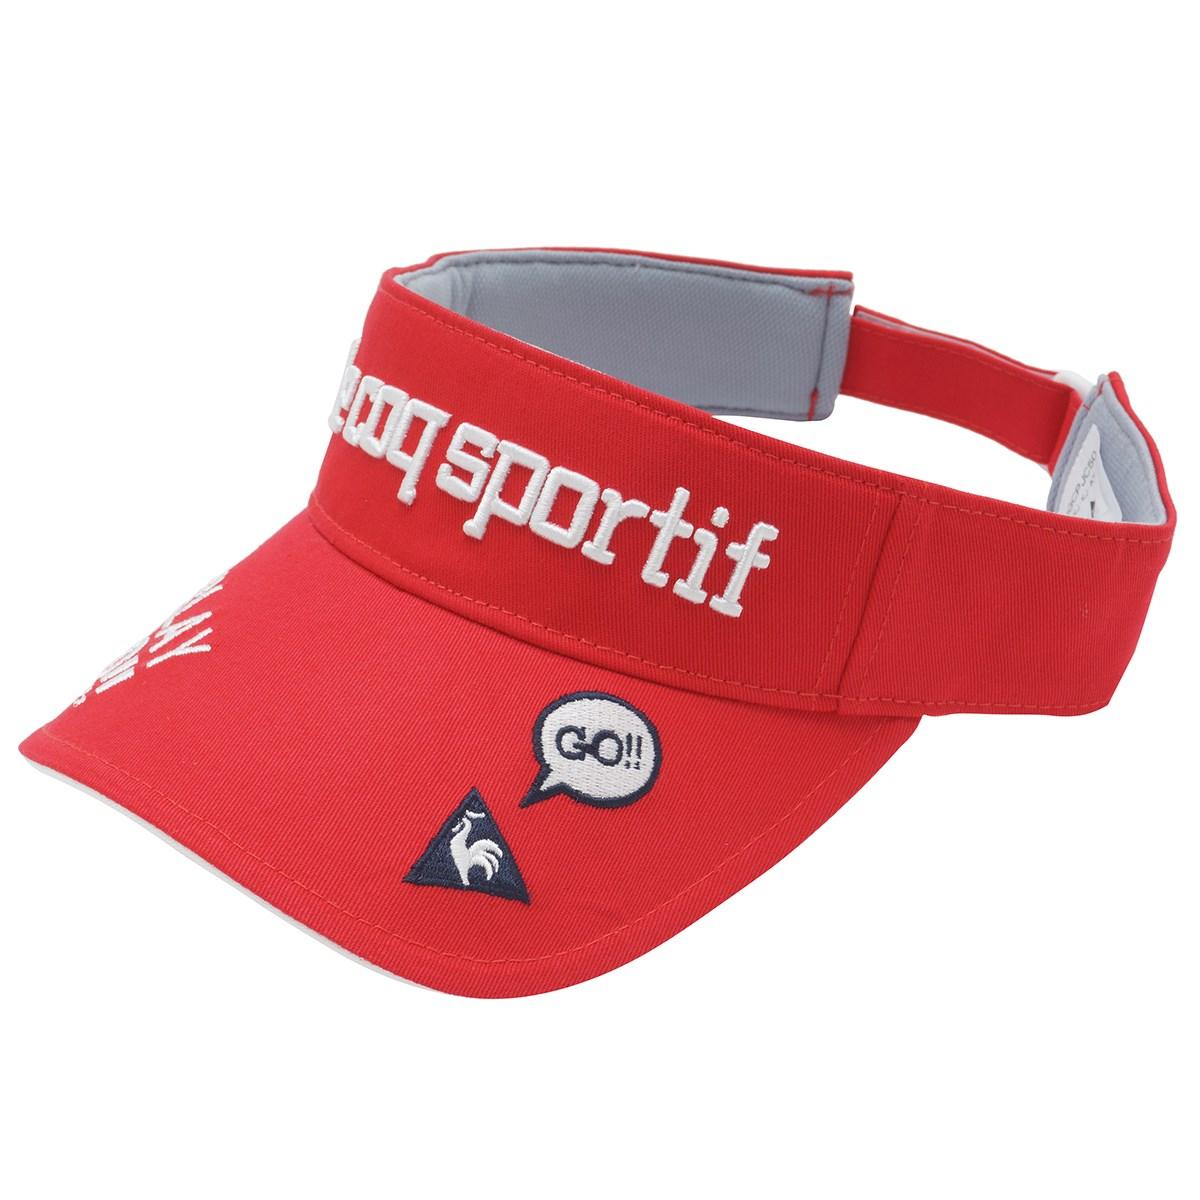 ルコックゴルフ Le coq sportif GOLF コットンツイルサンバイザー フリー レッド 00 レディス